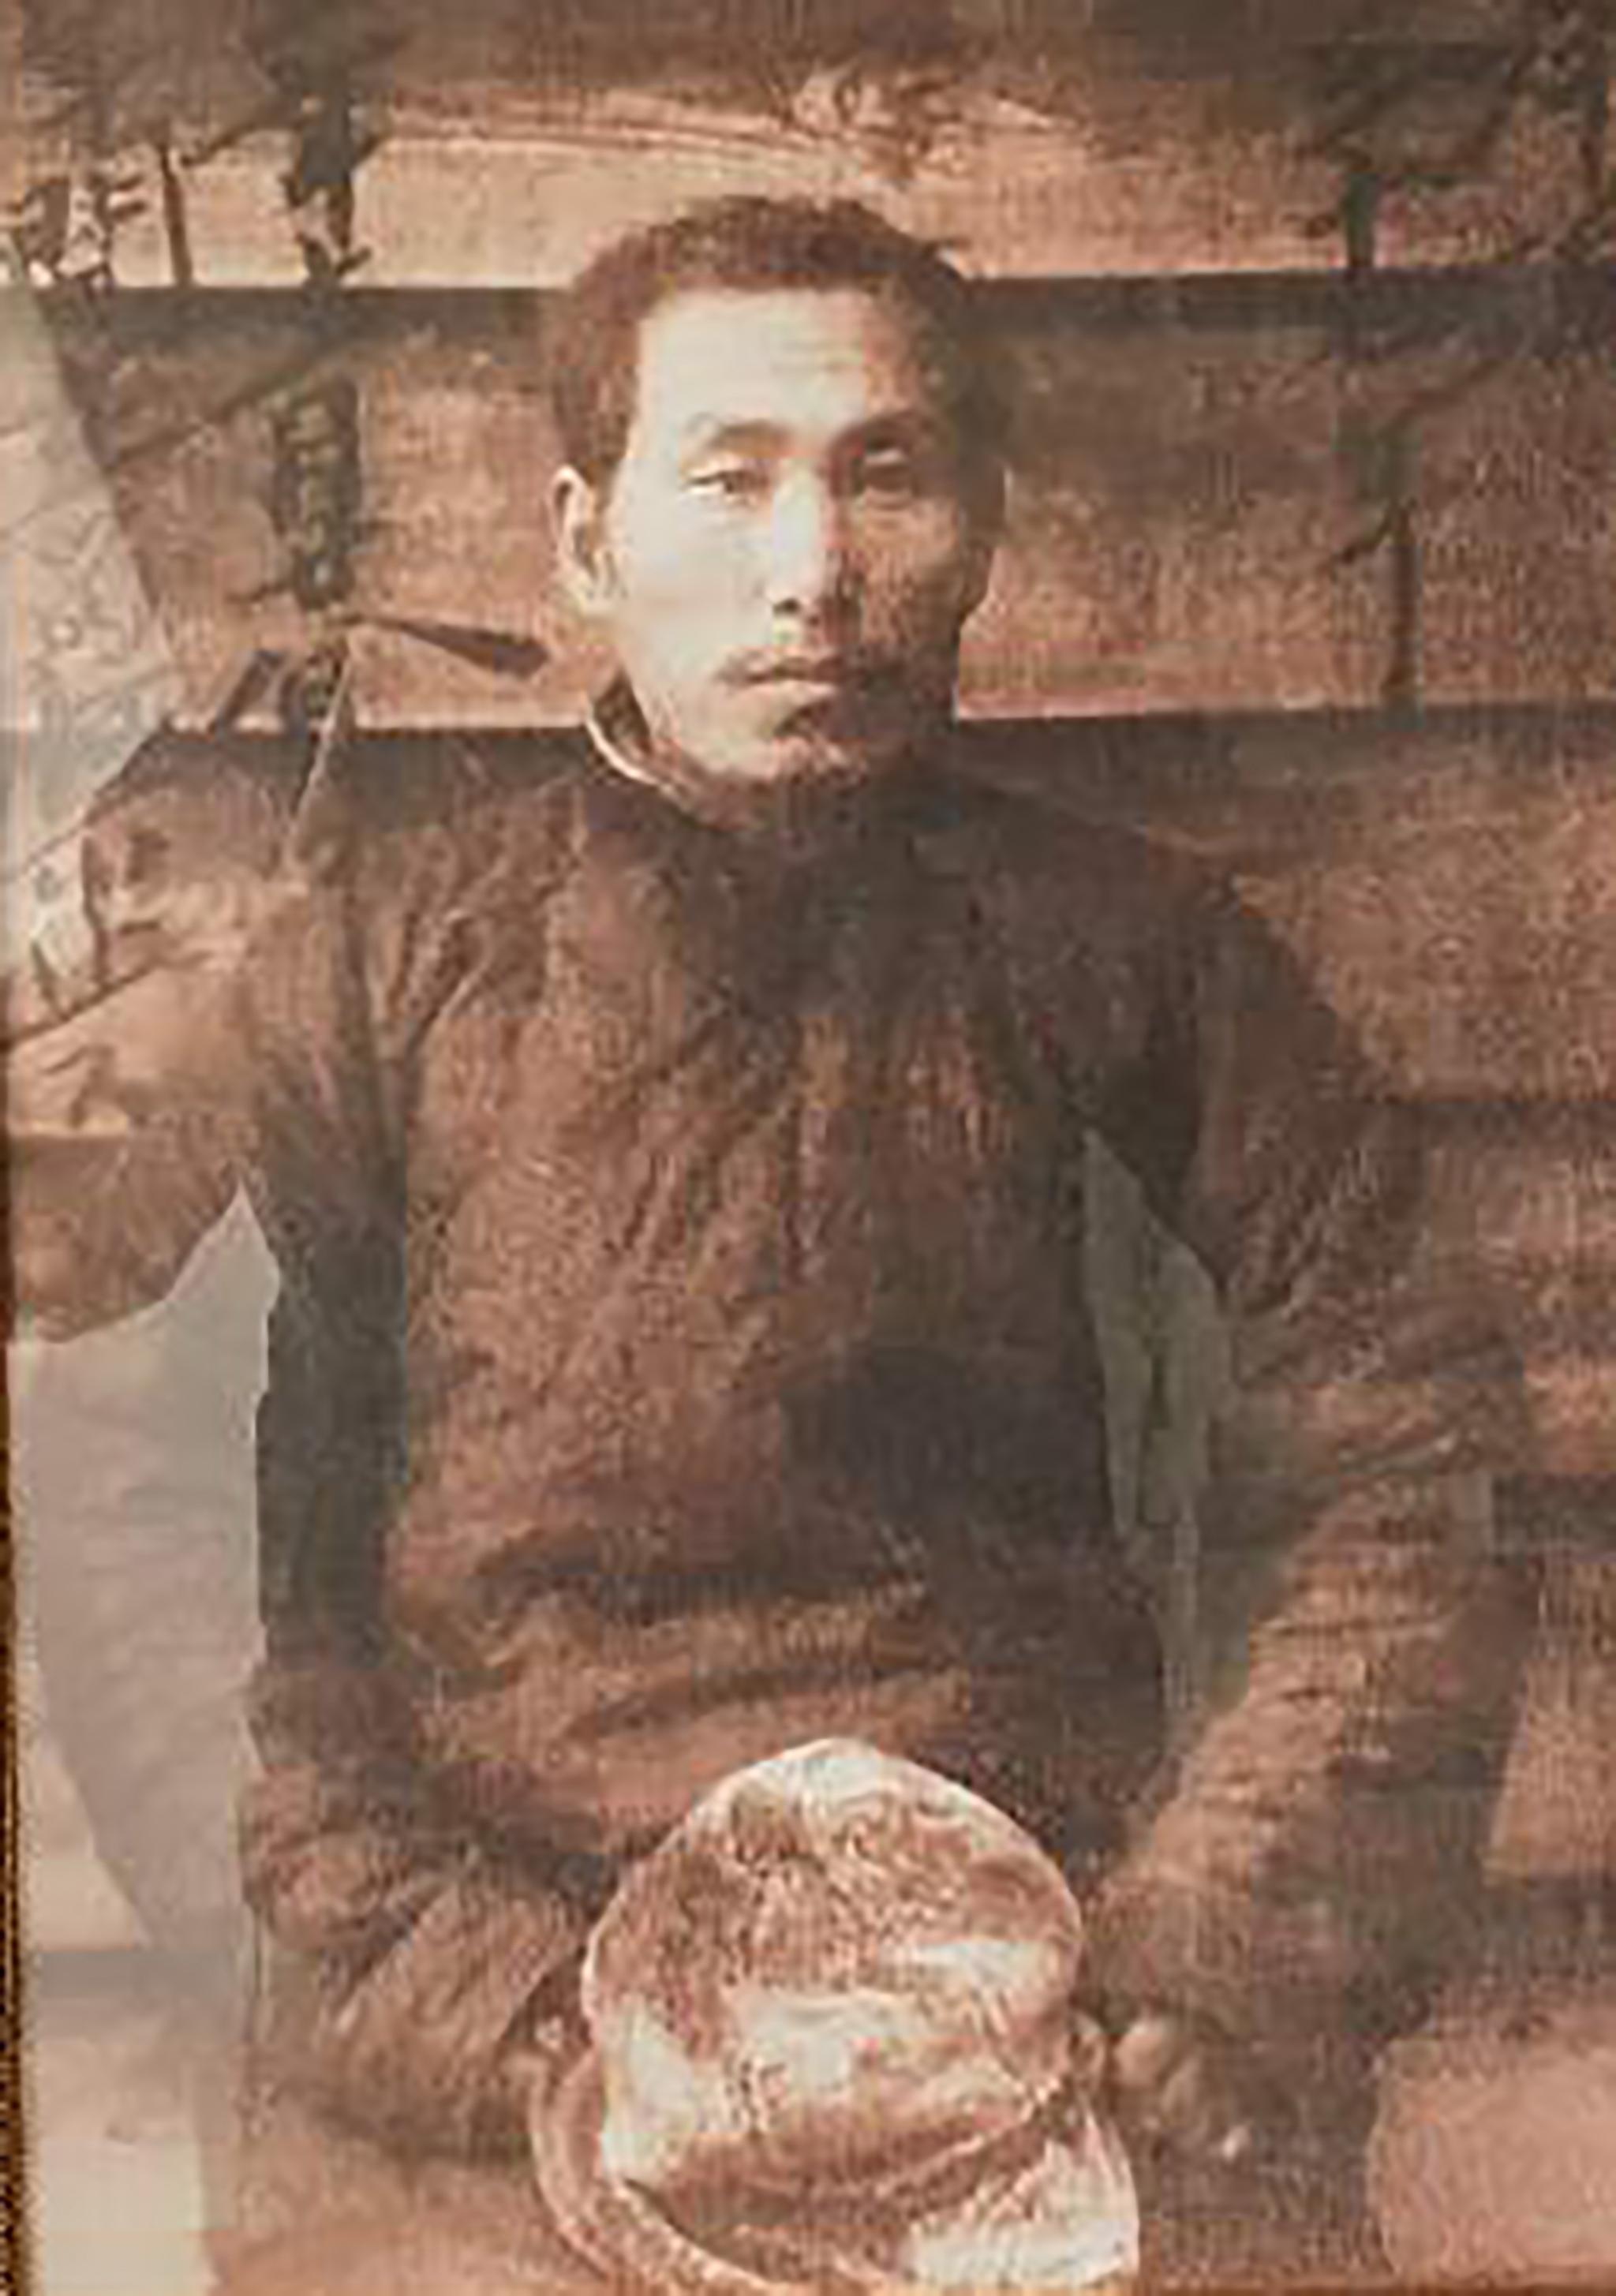 21일 오후 고국으로 유해가 봉환된 독립유공자 계봉우 지사의 젊은 시절 모습. 계봉우 지사는 1919년 중국 상하이에 임시정부가 수립되자 북간도 대표로 임시의정원 의원으로 활동하고 '독립신문'에 독립정신을 고취하는 글을 게재했다. 1937년 중앙아시아로 강제 이주 후에도 민족교육에 전념, '조선문법', '조선역사' 등을 집필했다. 정부는 계 지사의 업적을 인정해 1995년 건국훈장 독립장을 추서했다. [사진 계봉우 지사 유족]